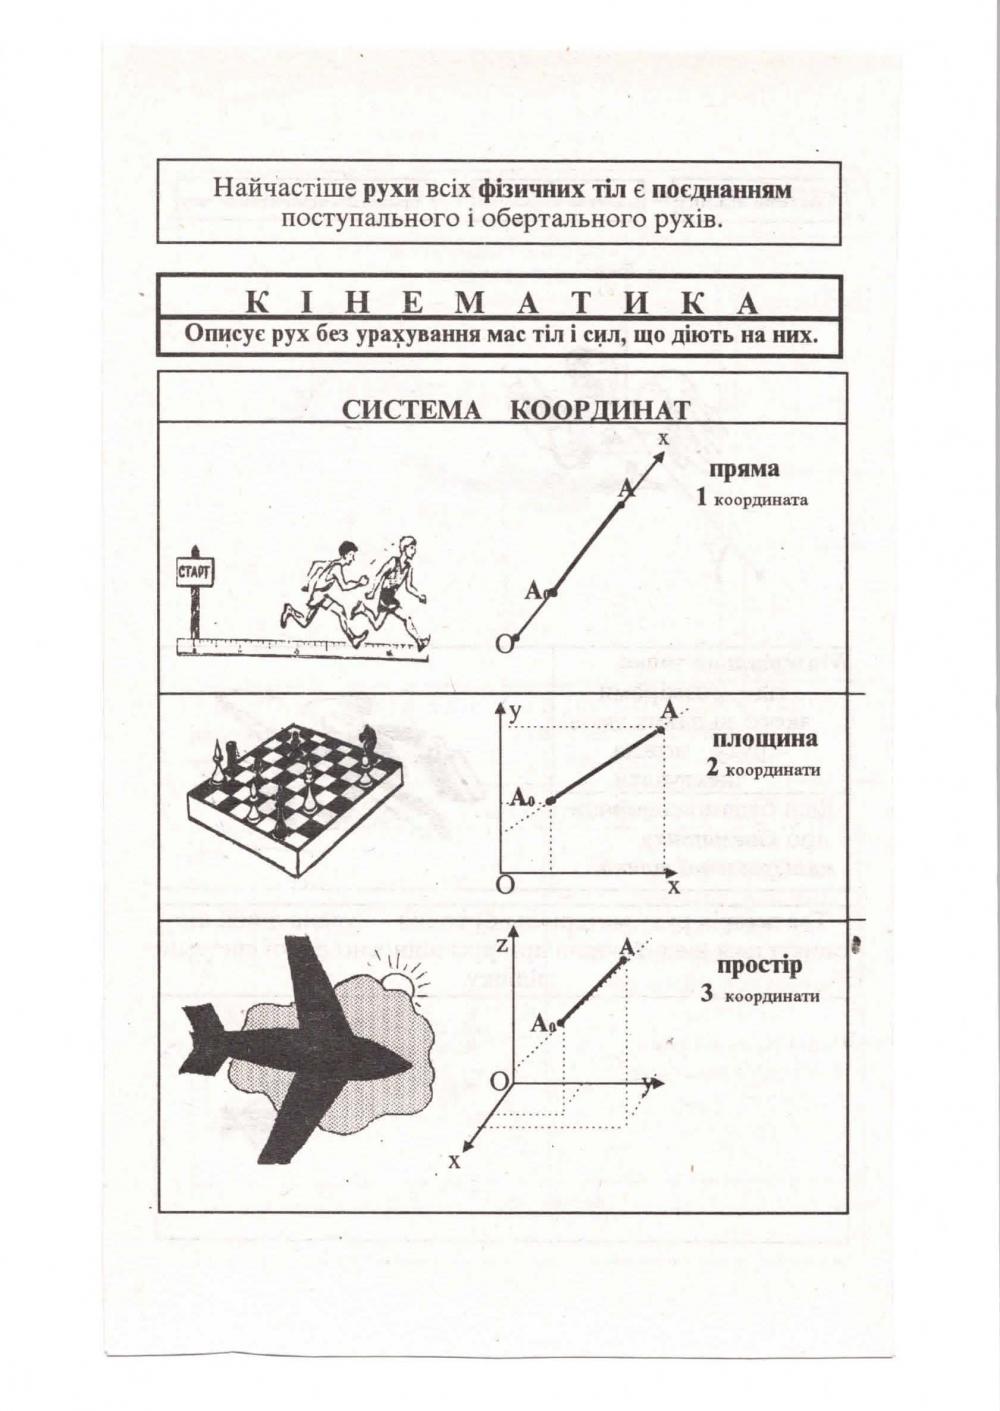 Фізика в таблицях і схемах : Почтаренко Г. Логос. купити 8